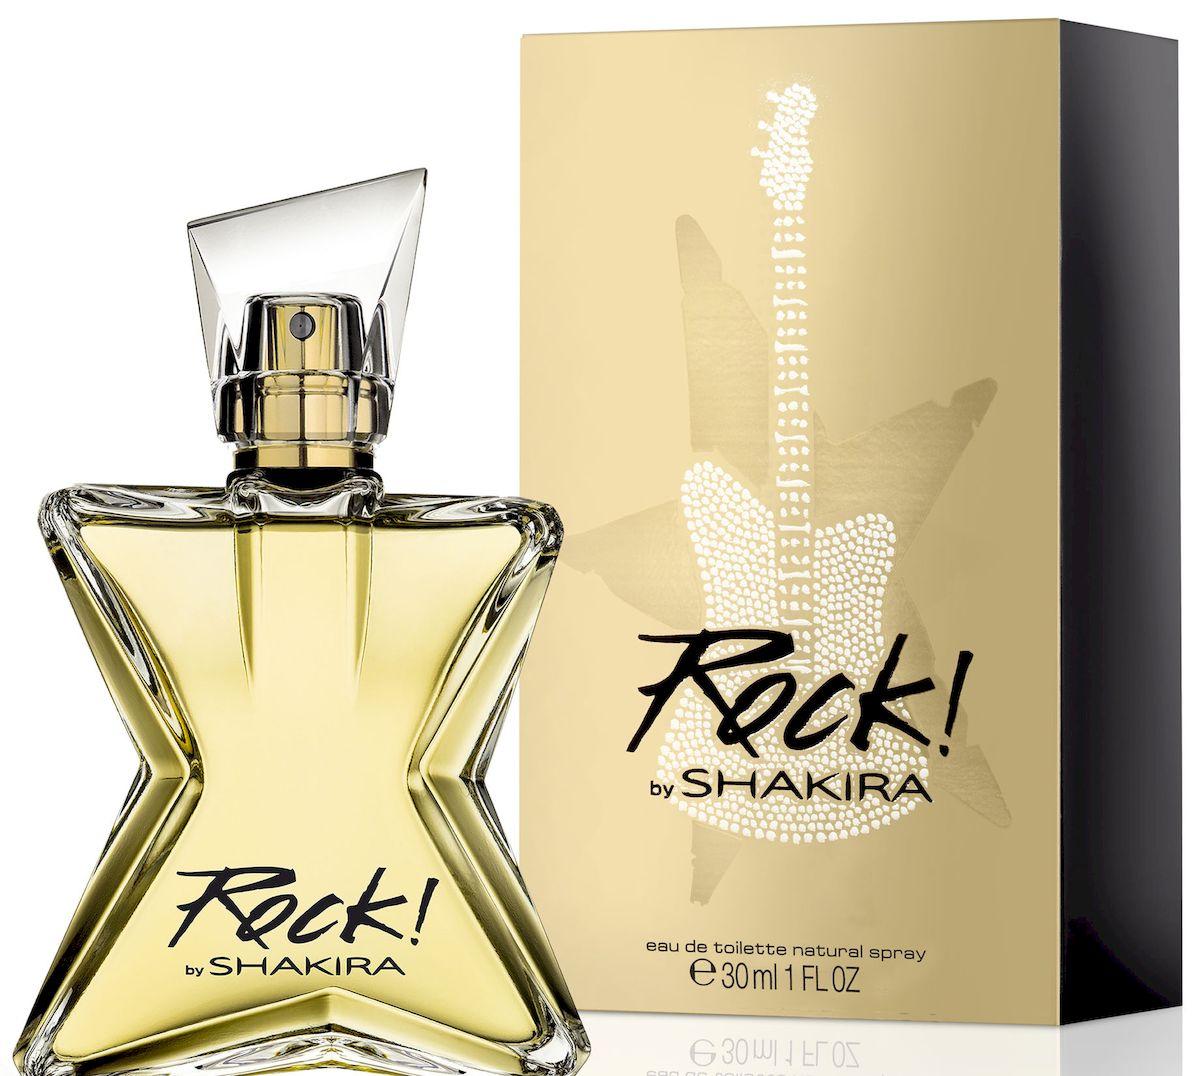 Shakira Rock By Shakira Туалетная вода, женская, 30 мл65085245Вдохновленная чистой энергией рока, Шакира вложила в новый аромат всю магическую притягательность своей музыки. Как и музыка певицы, Rock! by Shakira провозглашает свободу. Ноты зеленого мандарина, сочных фруктов и маракуйи звучат безошибочным ритмом городского бита. Мелодия цветочного аккорда увлекает в чувственный мир наслаждений. Созвучие жасмина и флердоранжа гармонично завершает композицию верхних нот. Базовые аккорды пачули и кедра взрываются соблазнительным ритмом и завершаются загадочным шлейфом амбровых нот. Rock! воплощает всю притягательную силу музыки.Верхняя нота: Мандарин, маракуйя.Средняя нота: Цветы апельсина, Тиаре.Шлейф: Кедр, амбра.Тиаре - для пленительного соблазна.